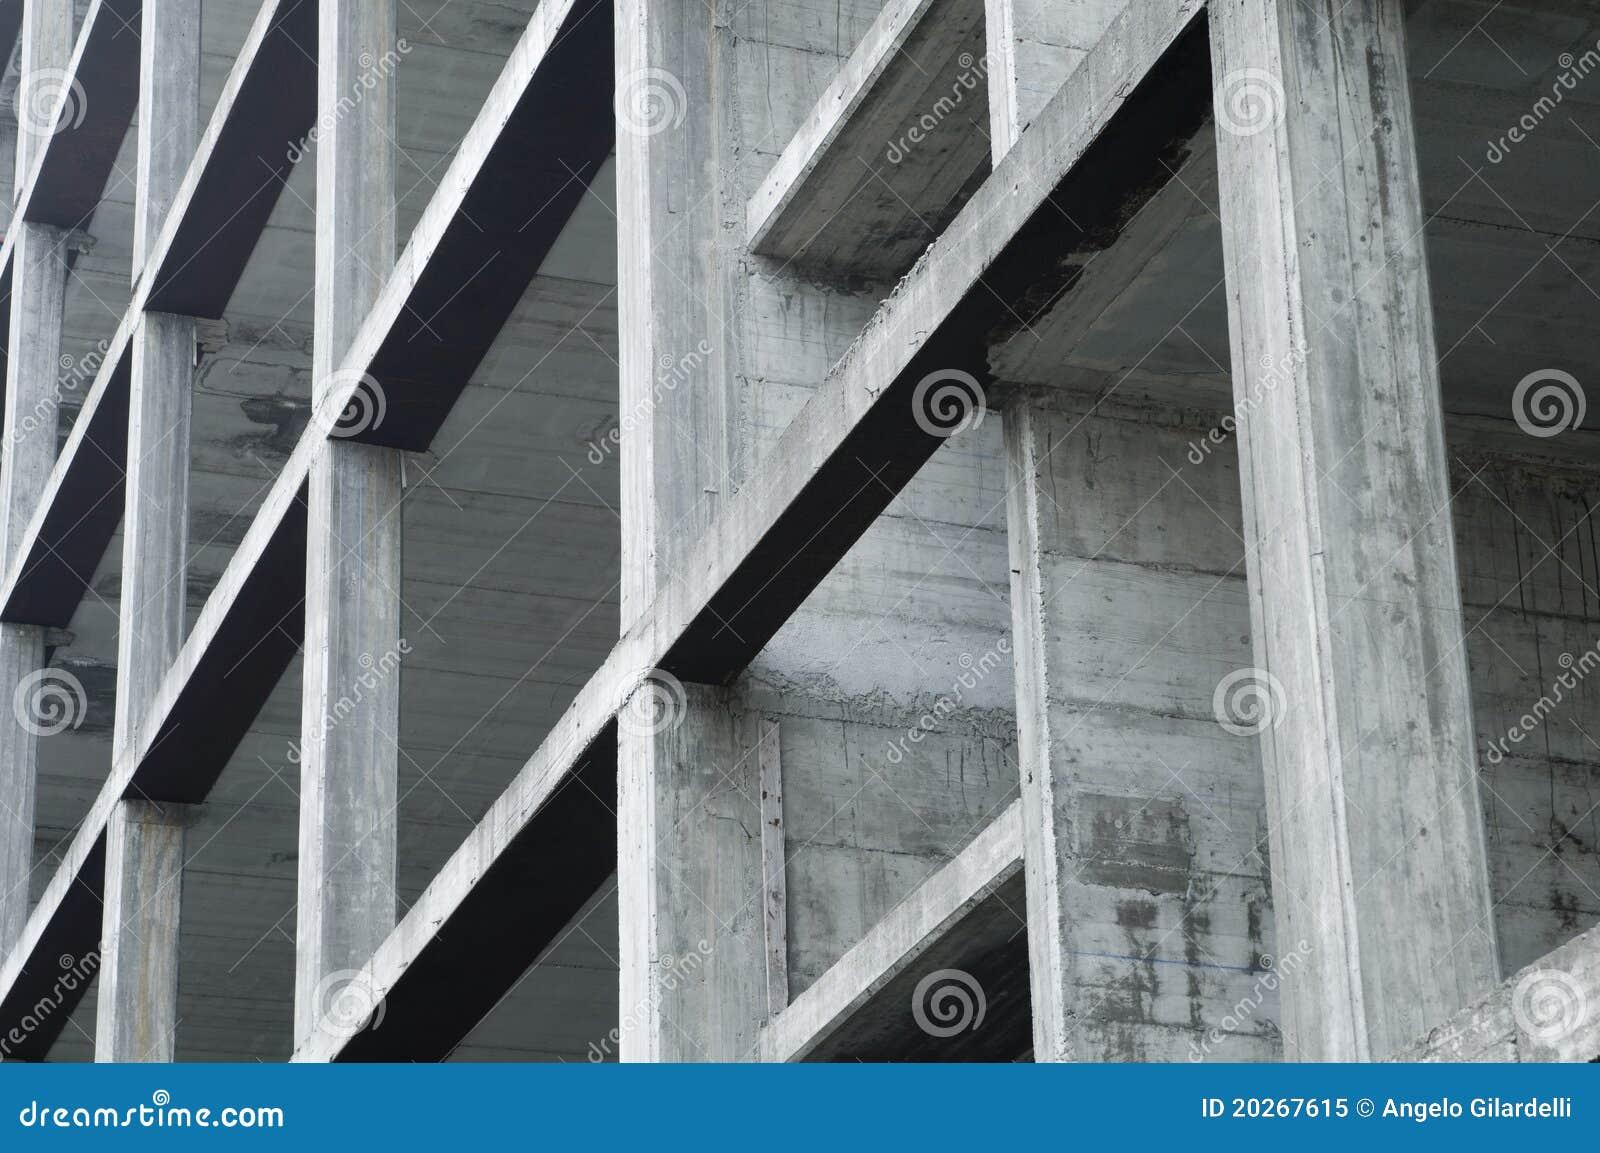 Concrete Building Construction : Concrete building under construction stock image